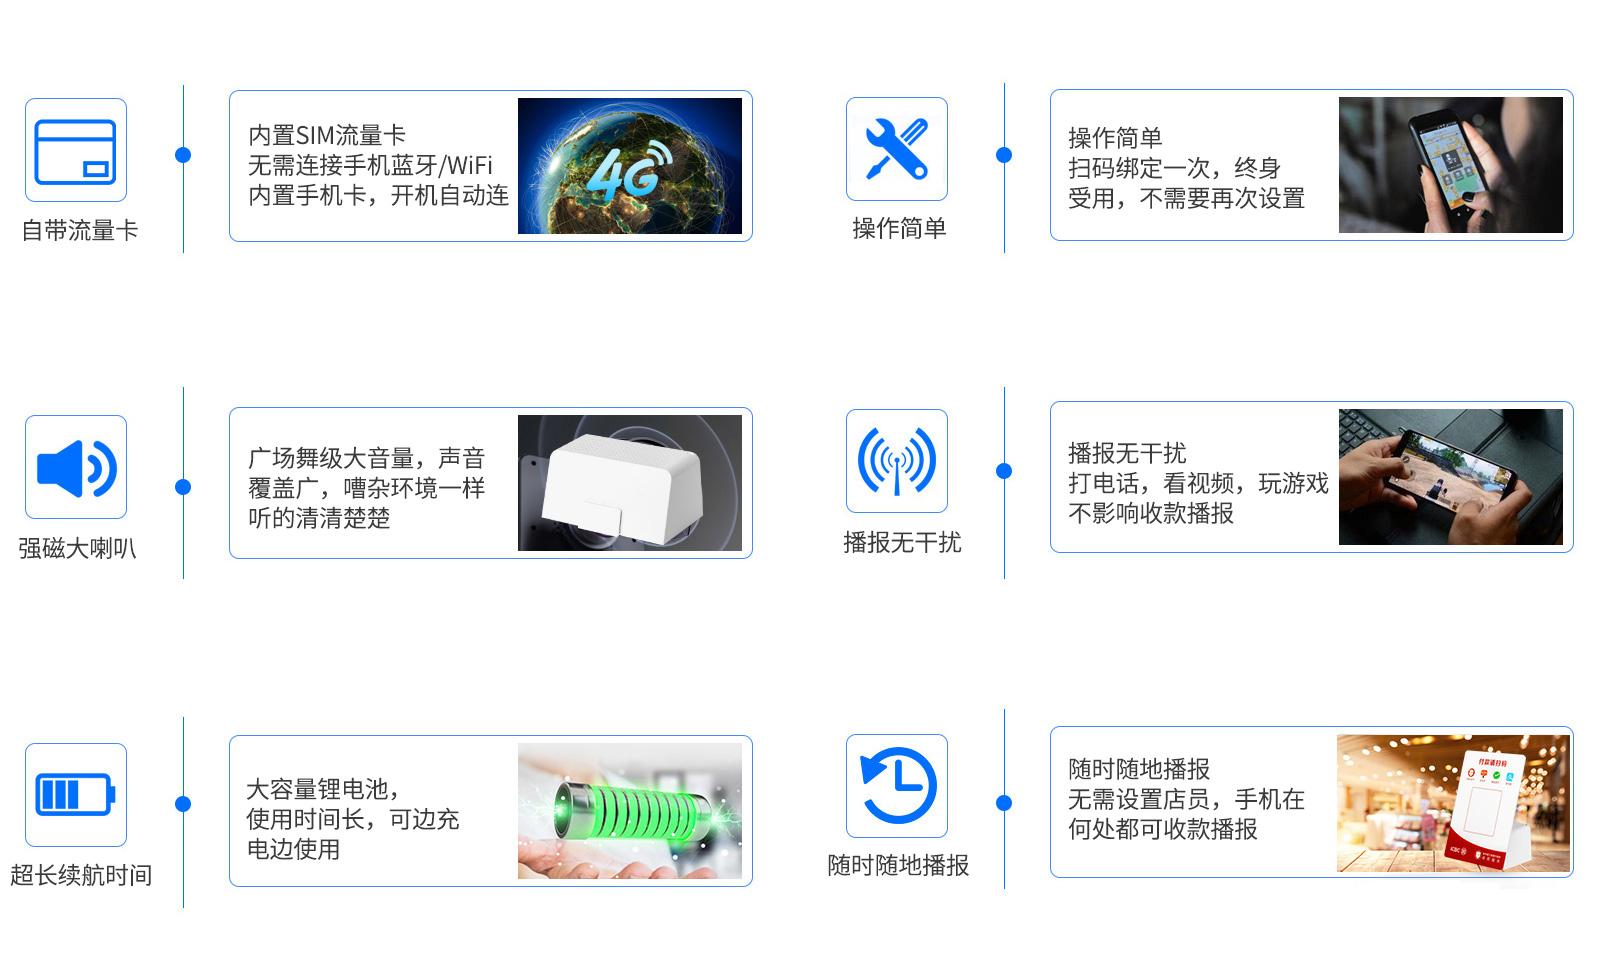 云播报音箱CF02/CG01核心功能